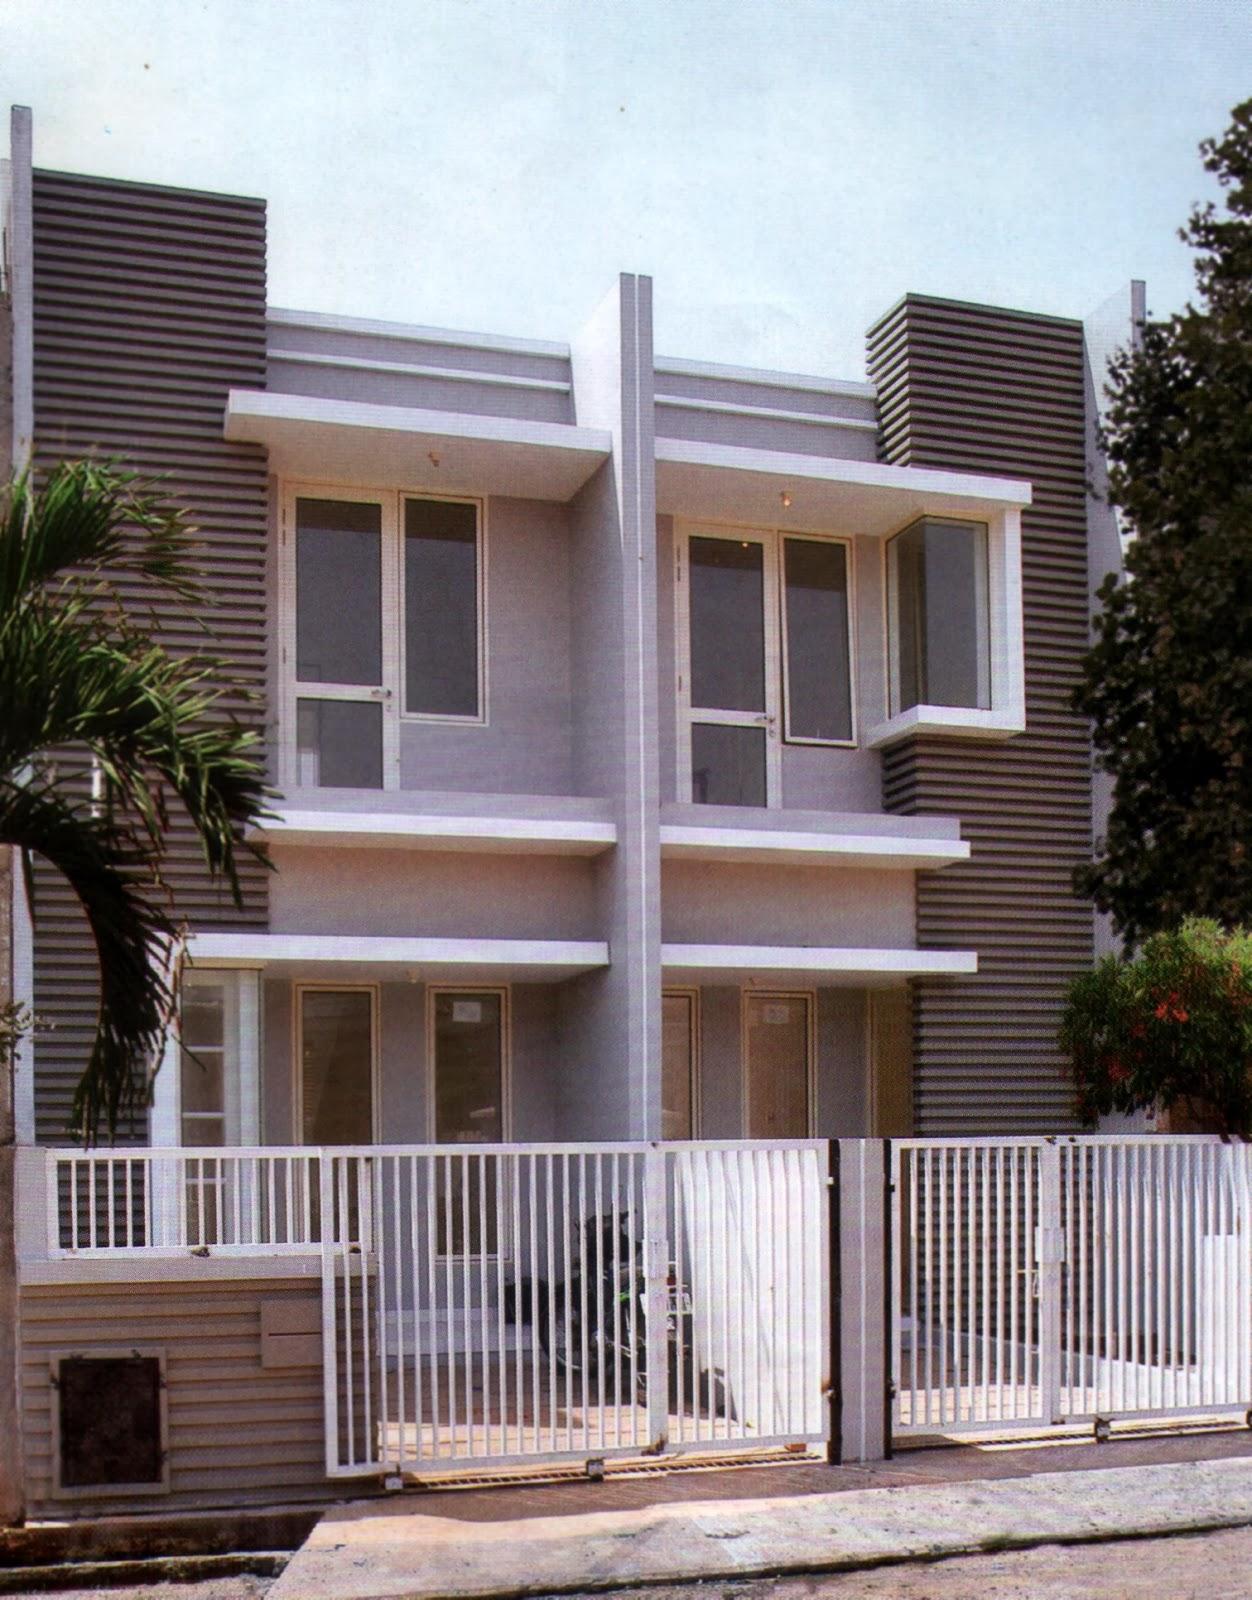 70 Desain Rumah Mungil Minimalis Modern 2 Lantai Desain Rumah